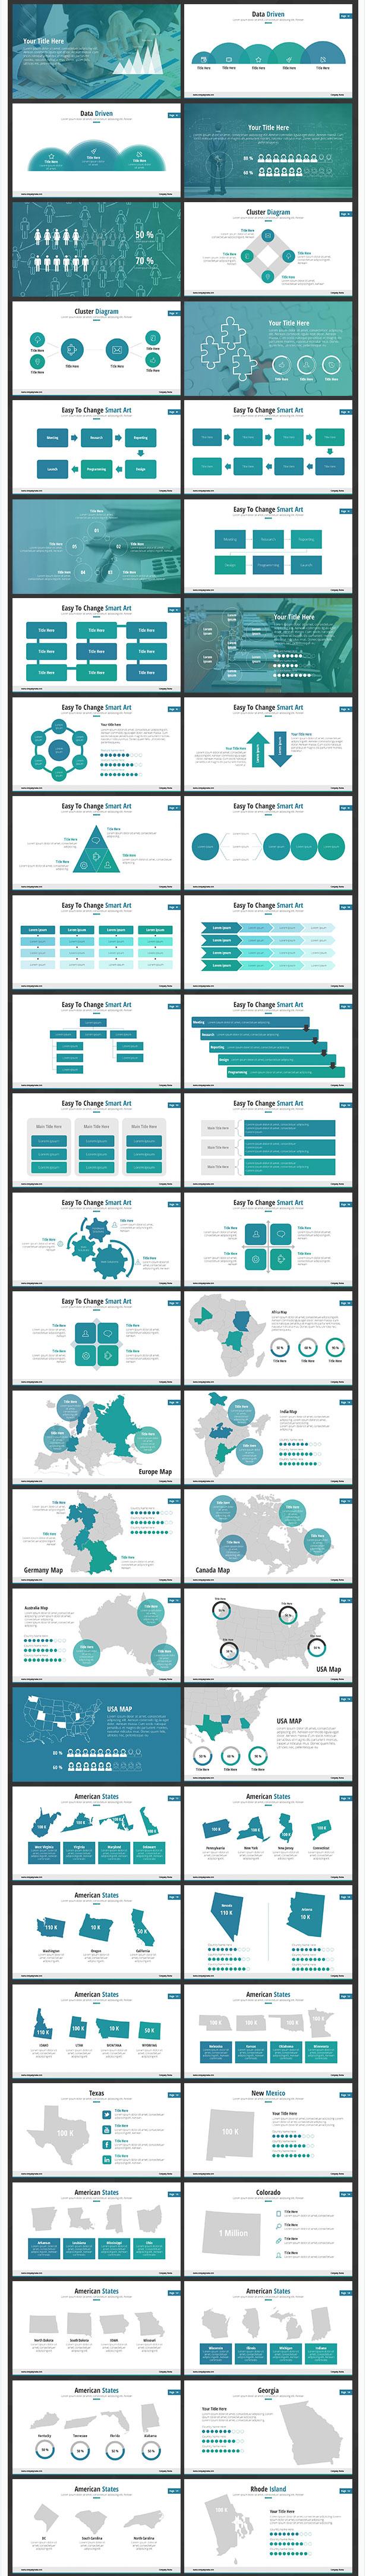 Best Business Portfolio PowerPoint Presentation Template